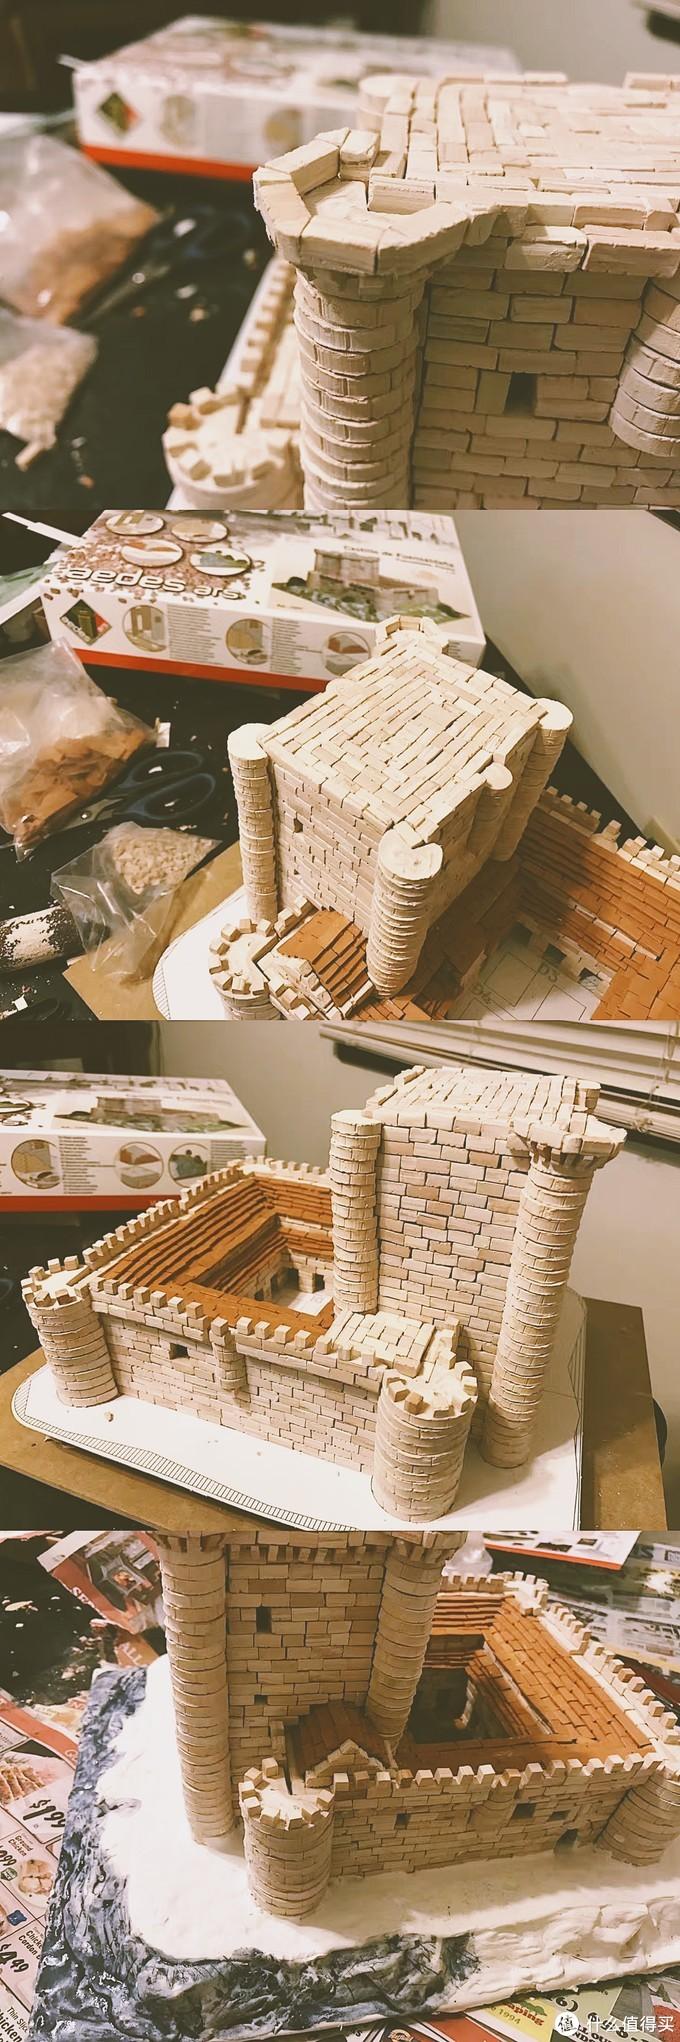 城堡的建造过程